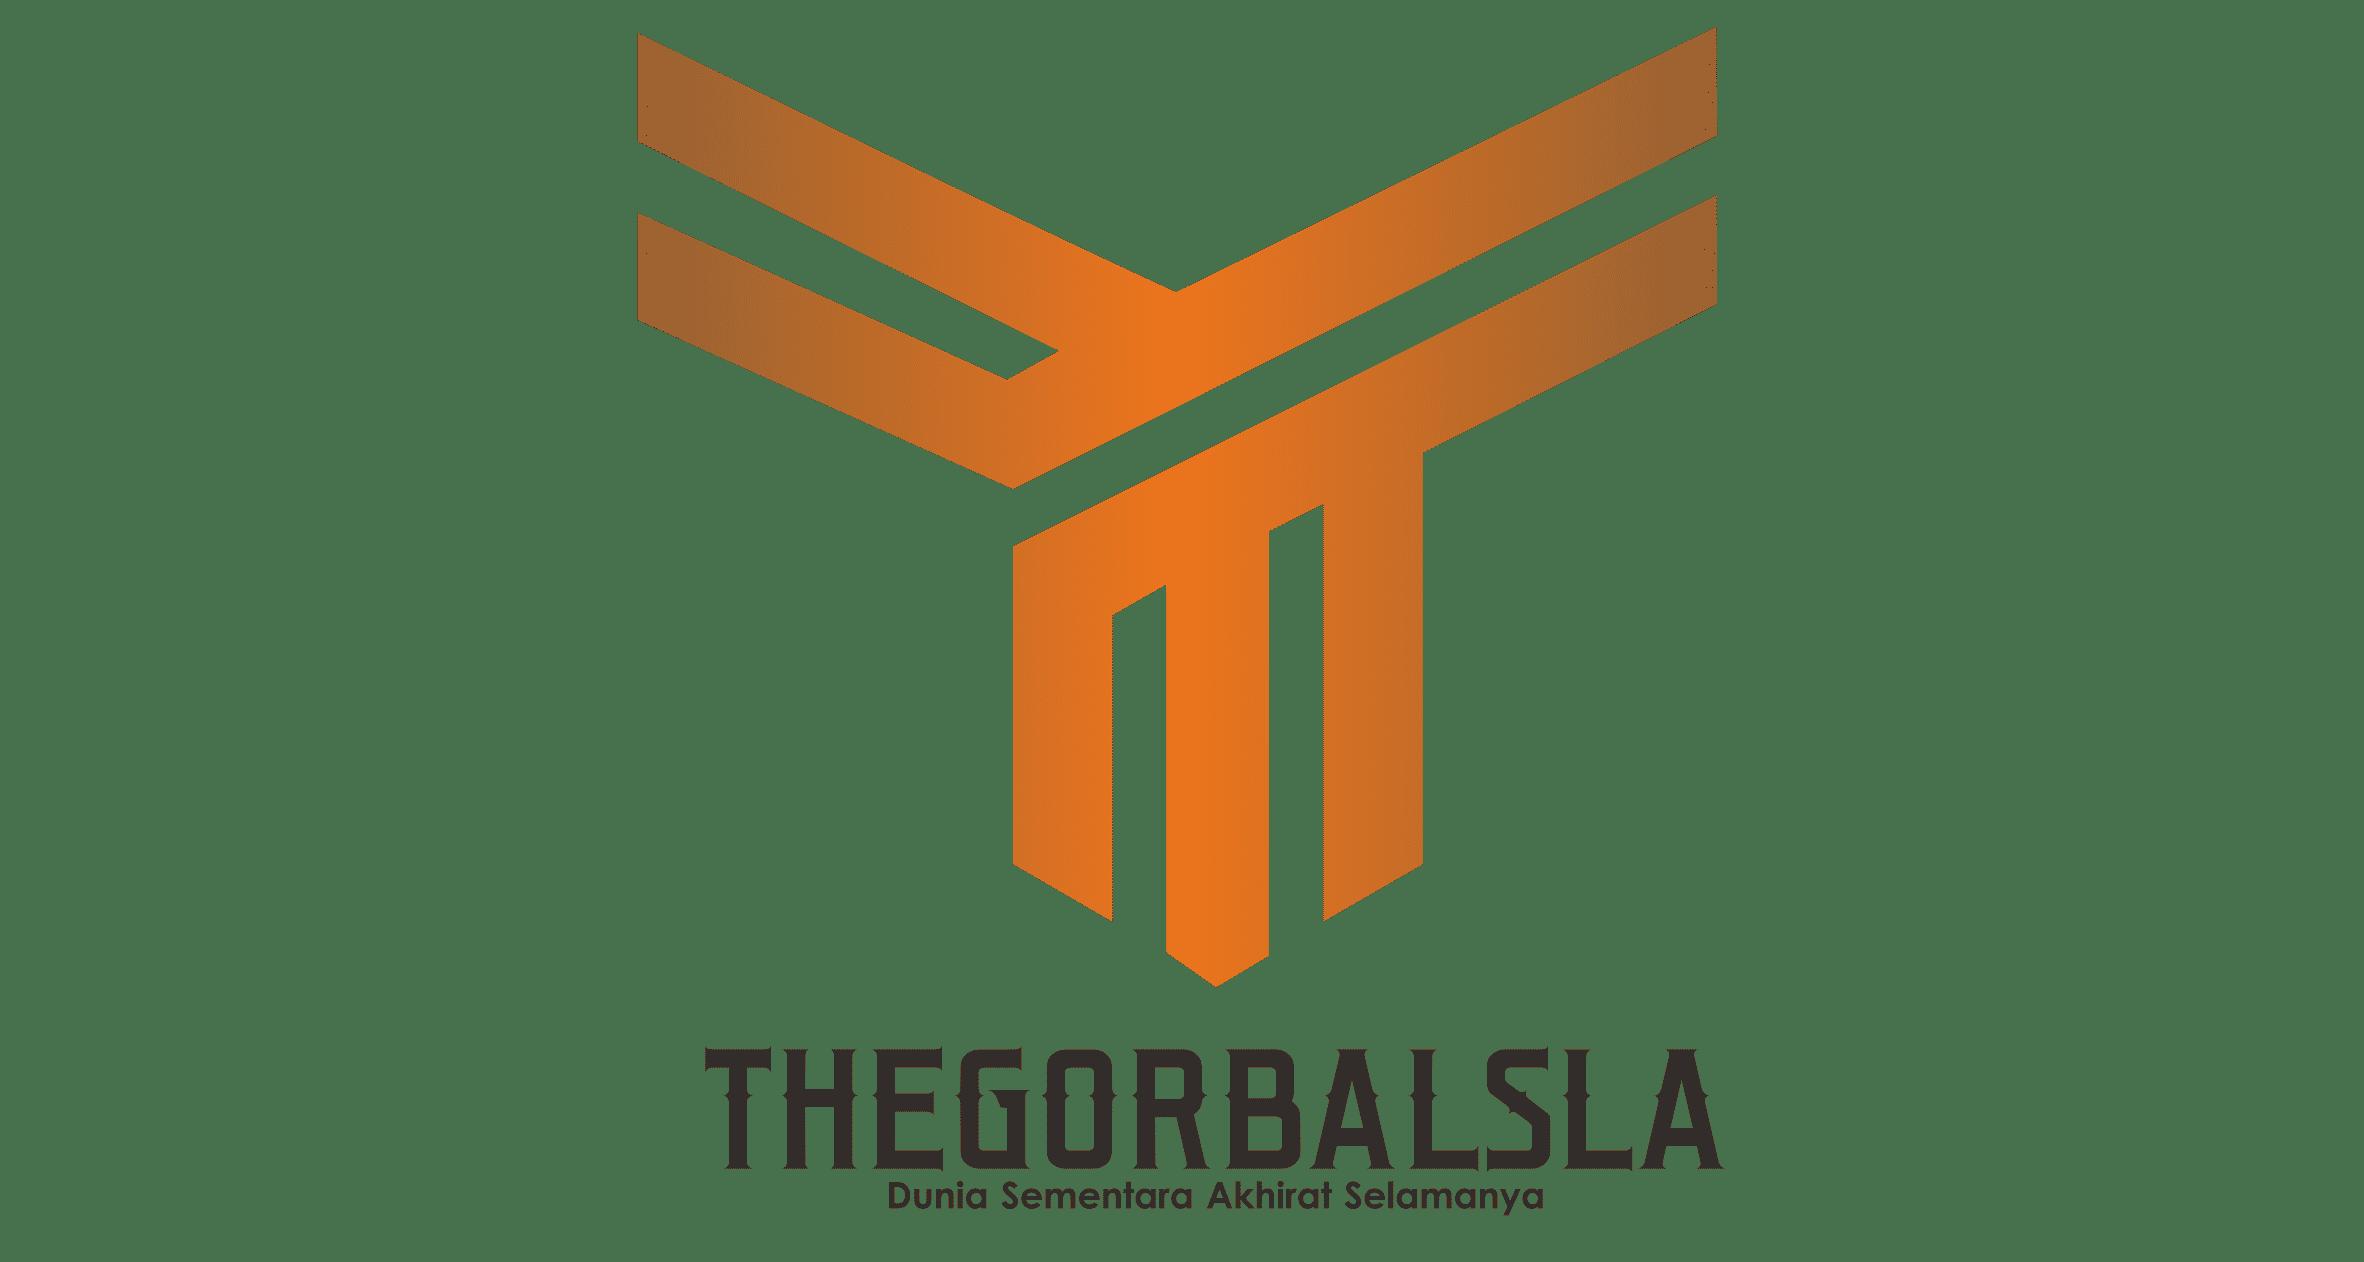 Thegorbalsla